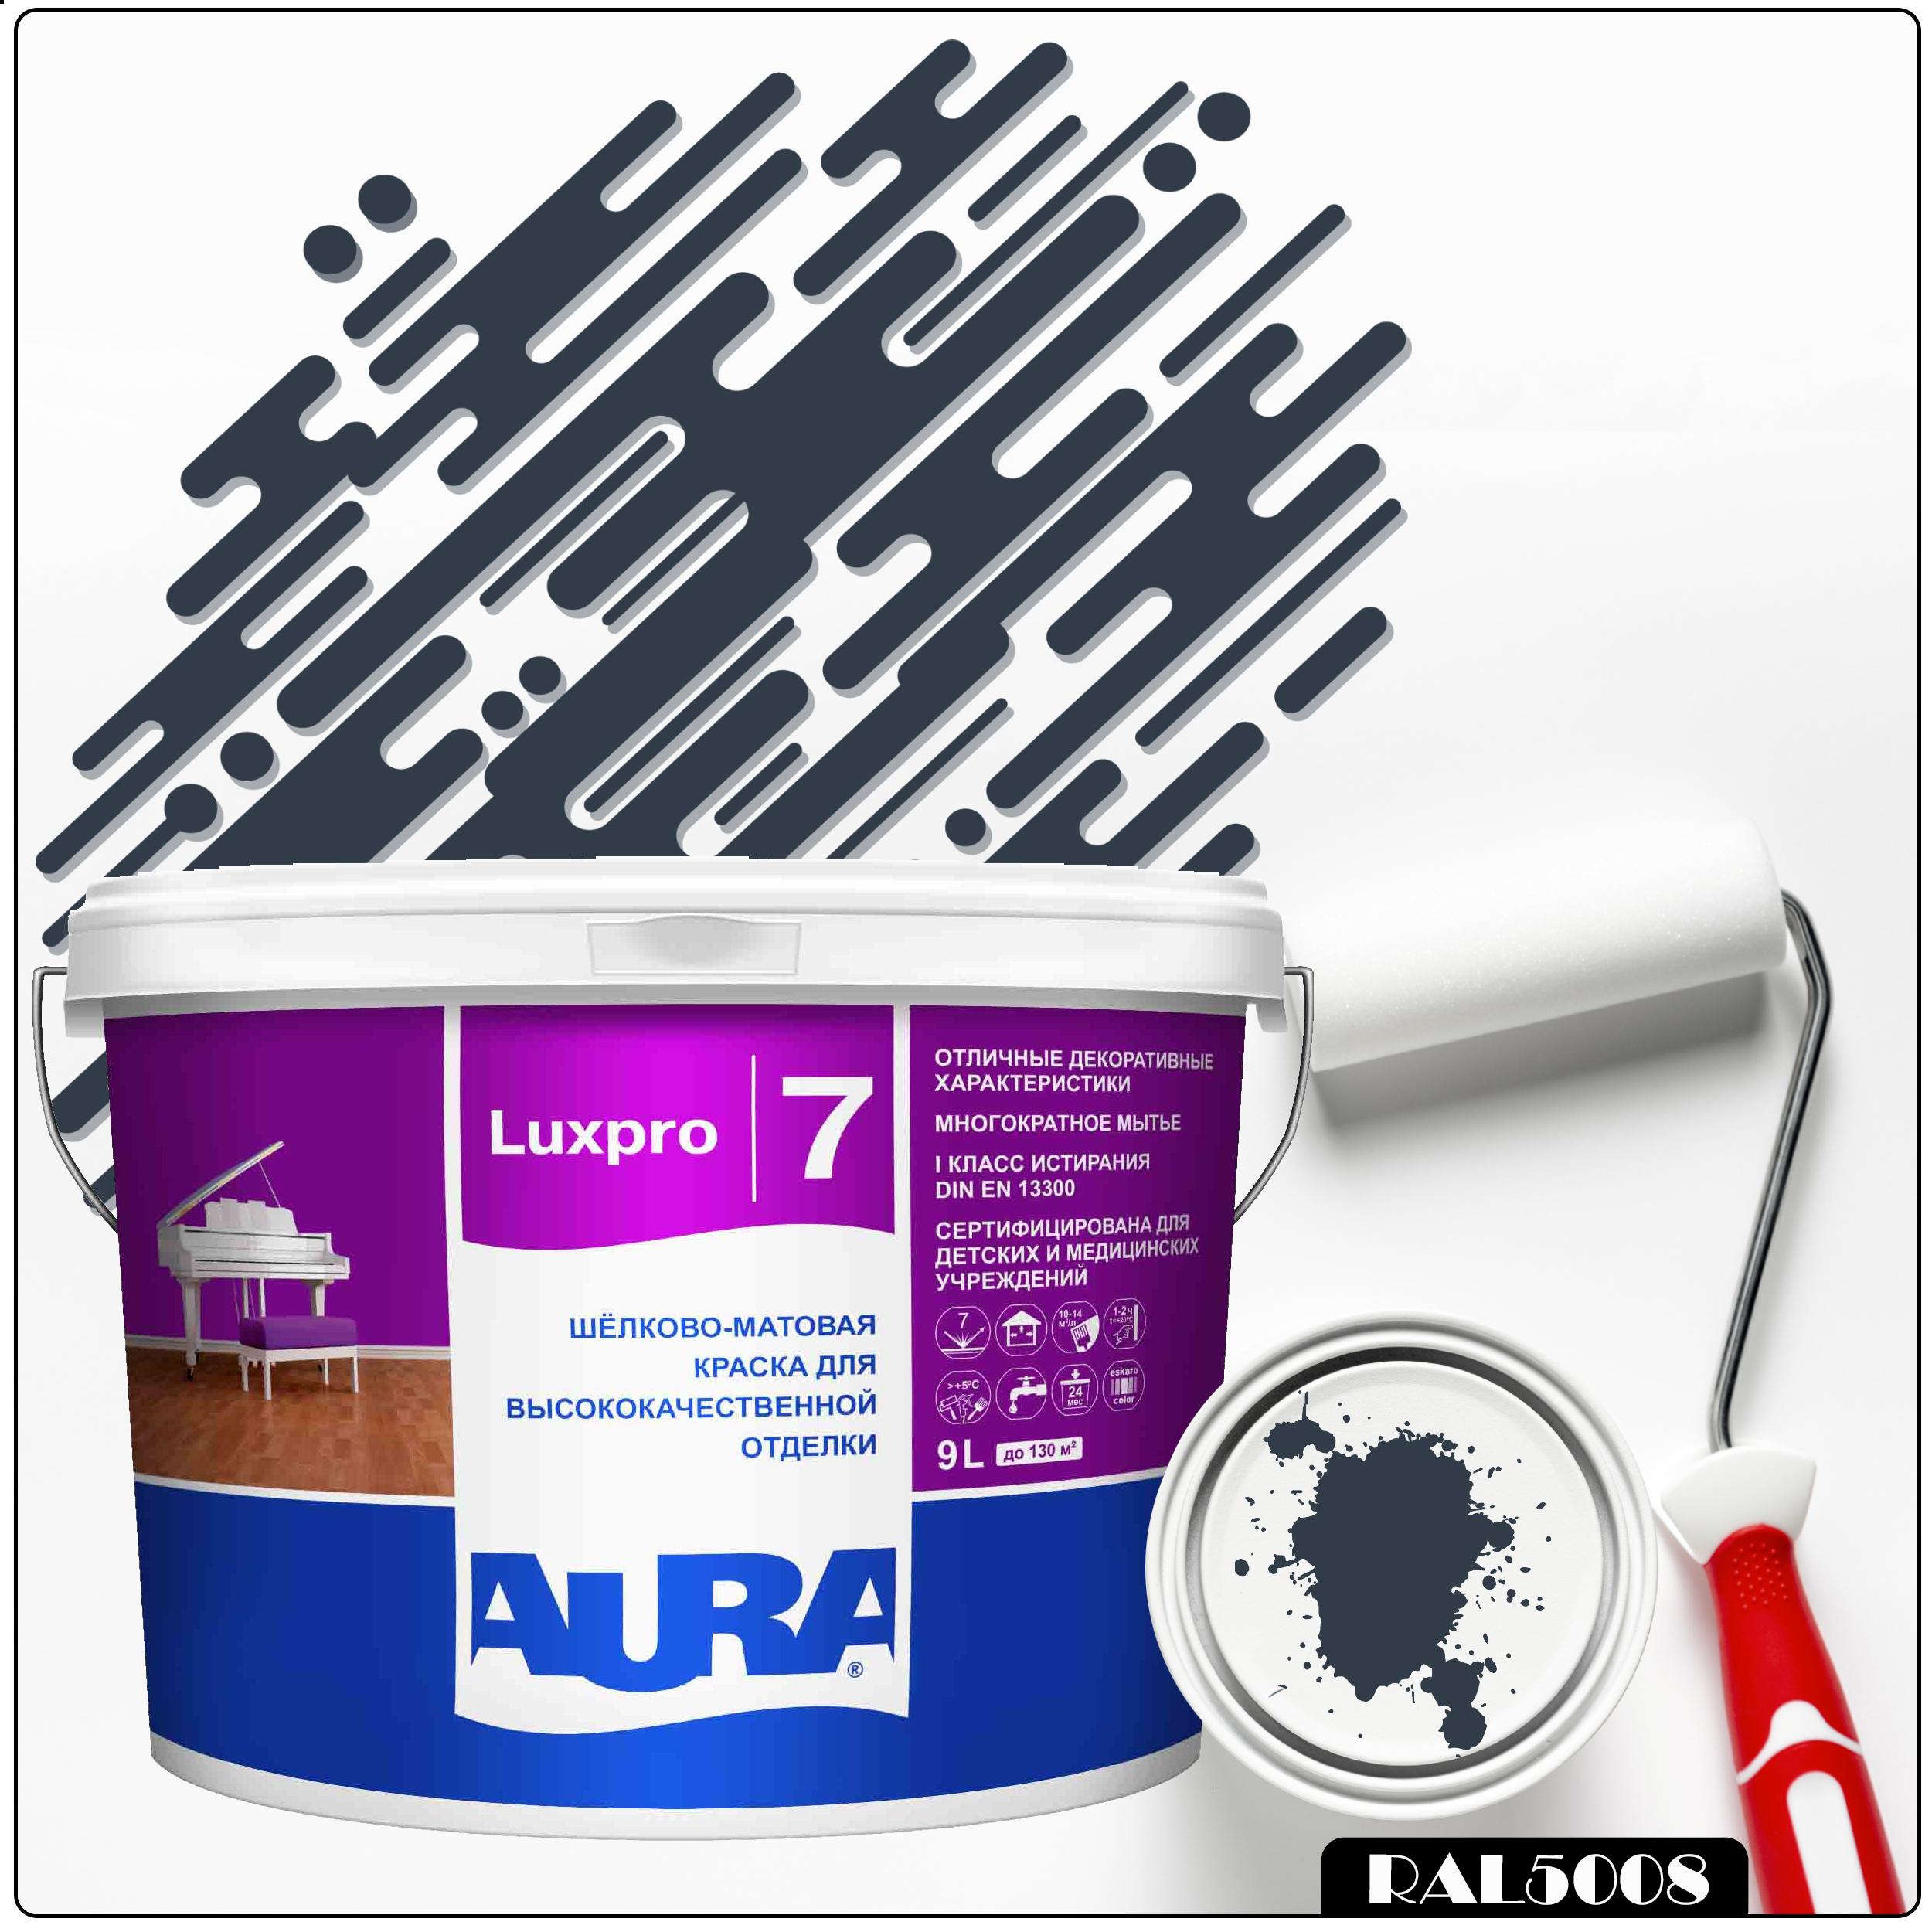 Фото 8 - Краска Aura LuxPRO 7, RAL 5008 Серо-синий, латексная, шелково-матовая, интерьерная, 9л, Аура.